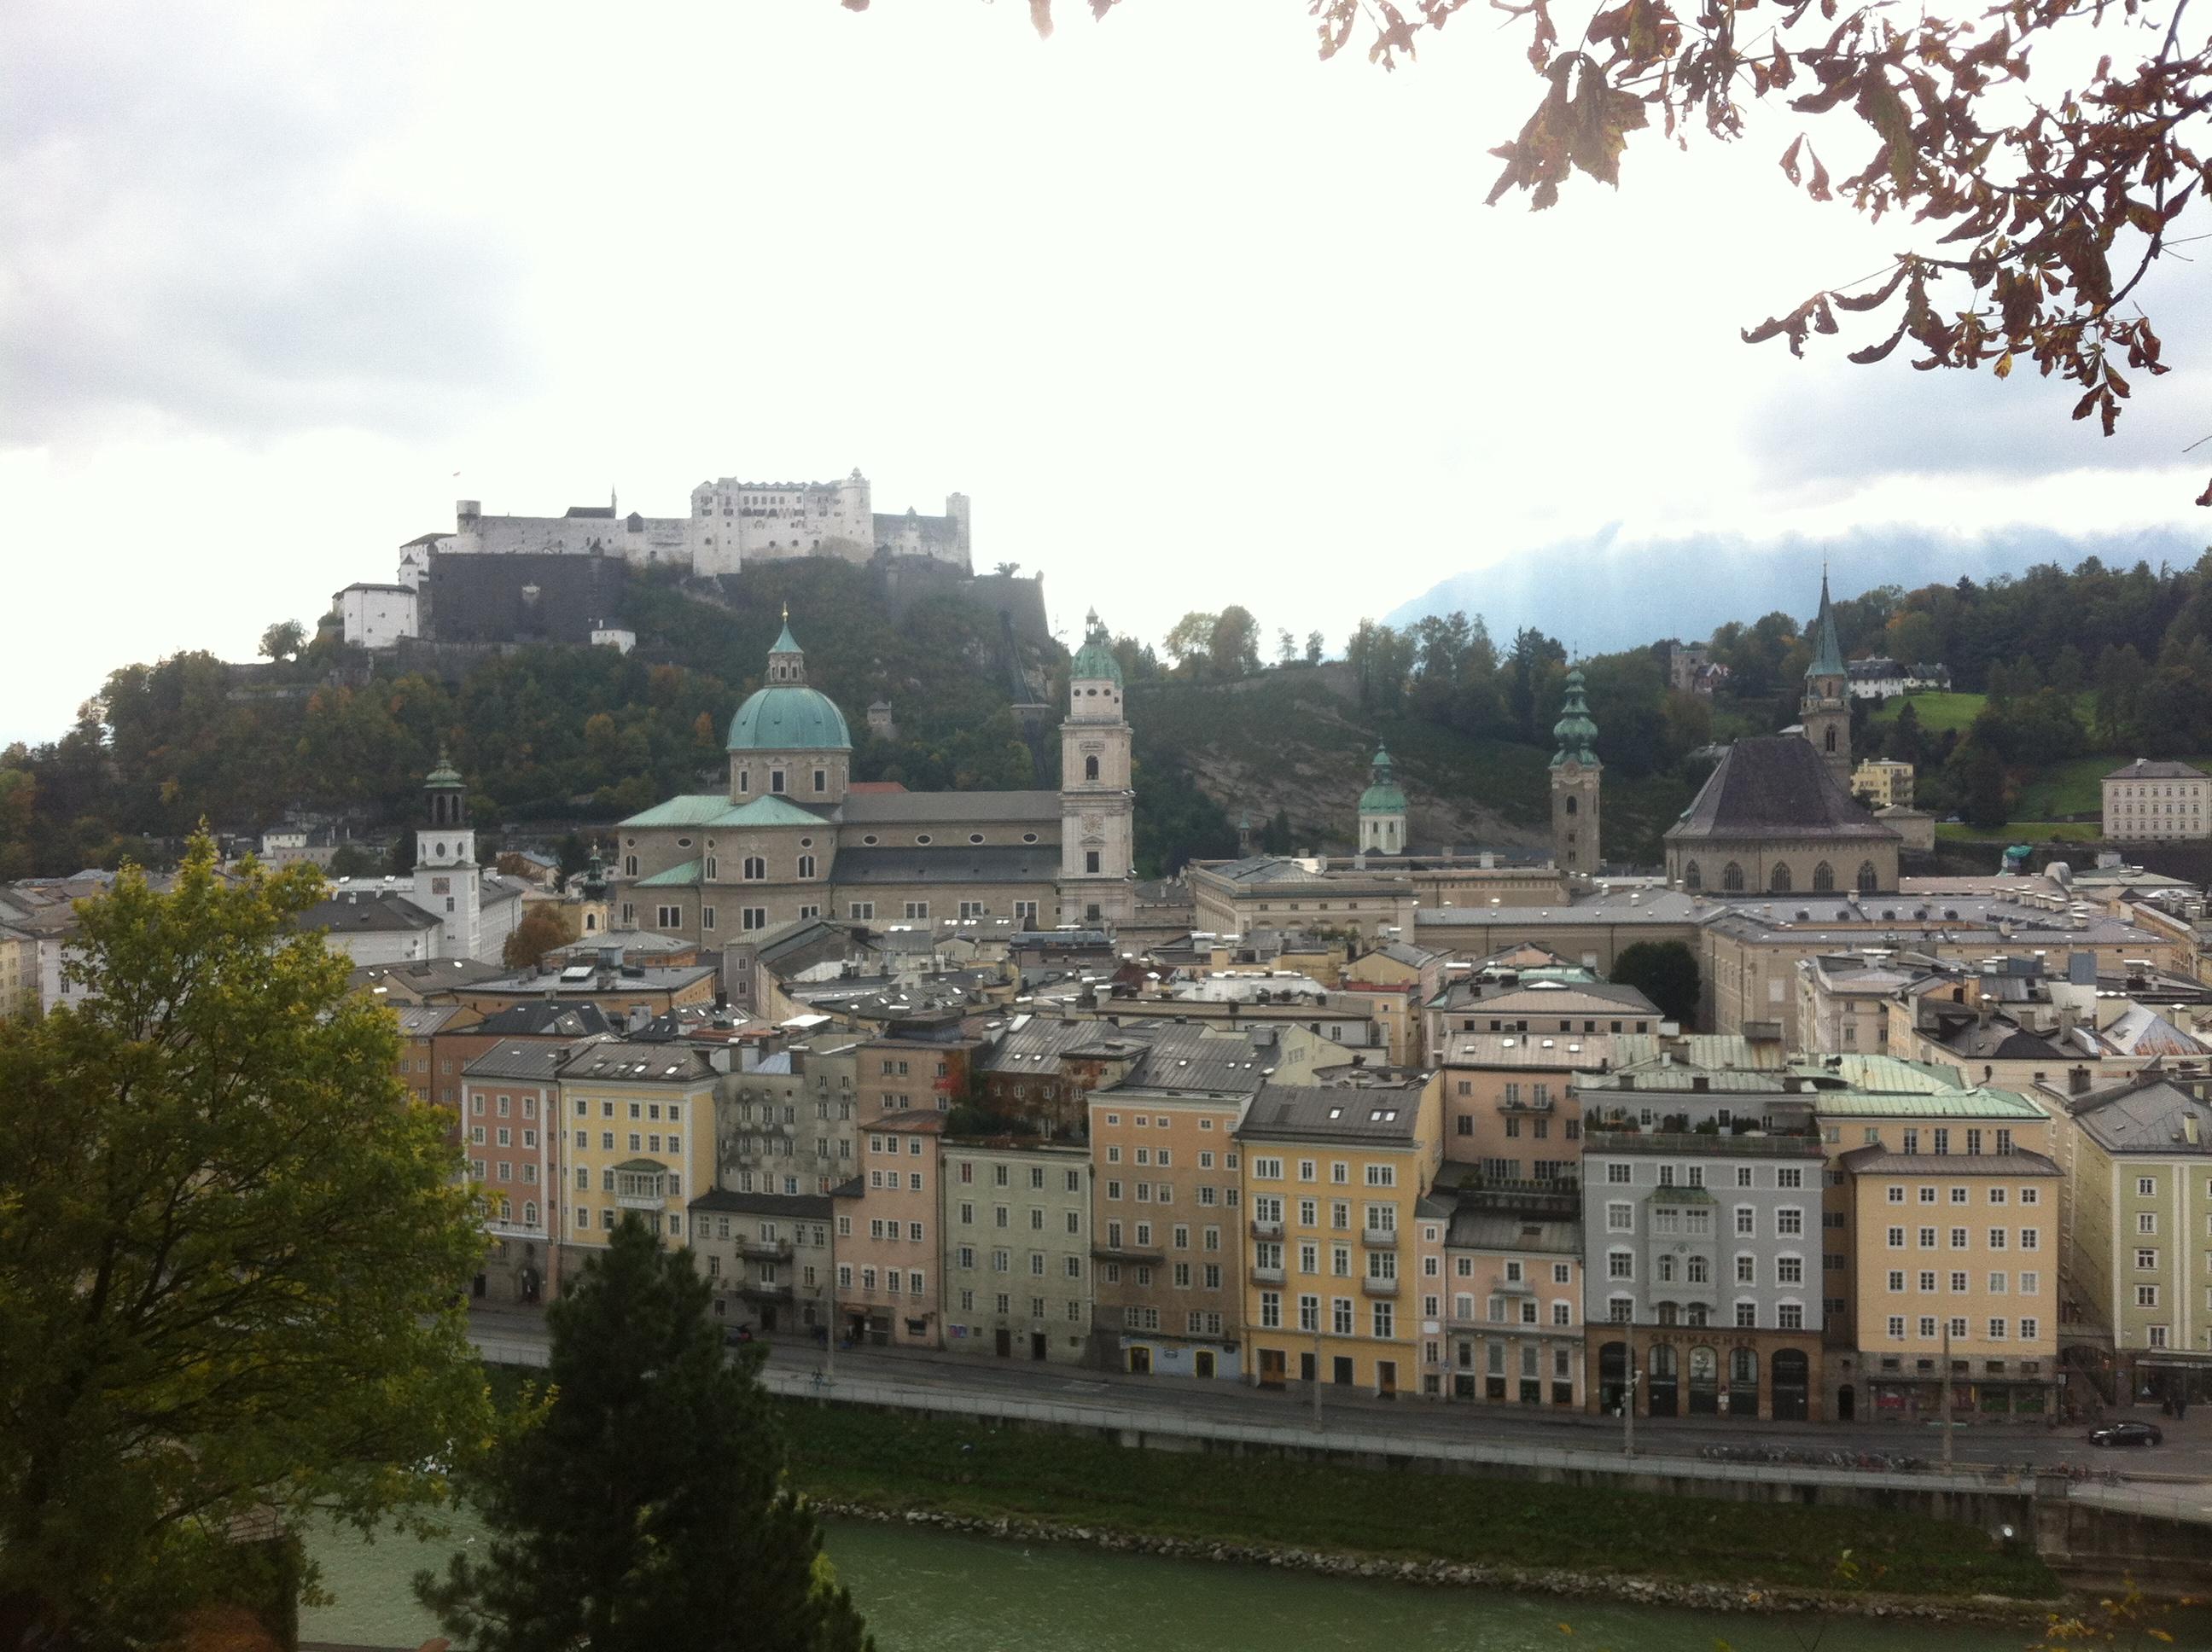 Blick auf die Salzburger Altstadt und die Festung Hohensalzburg